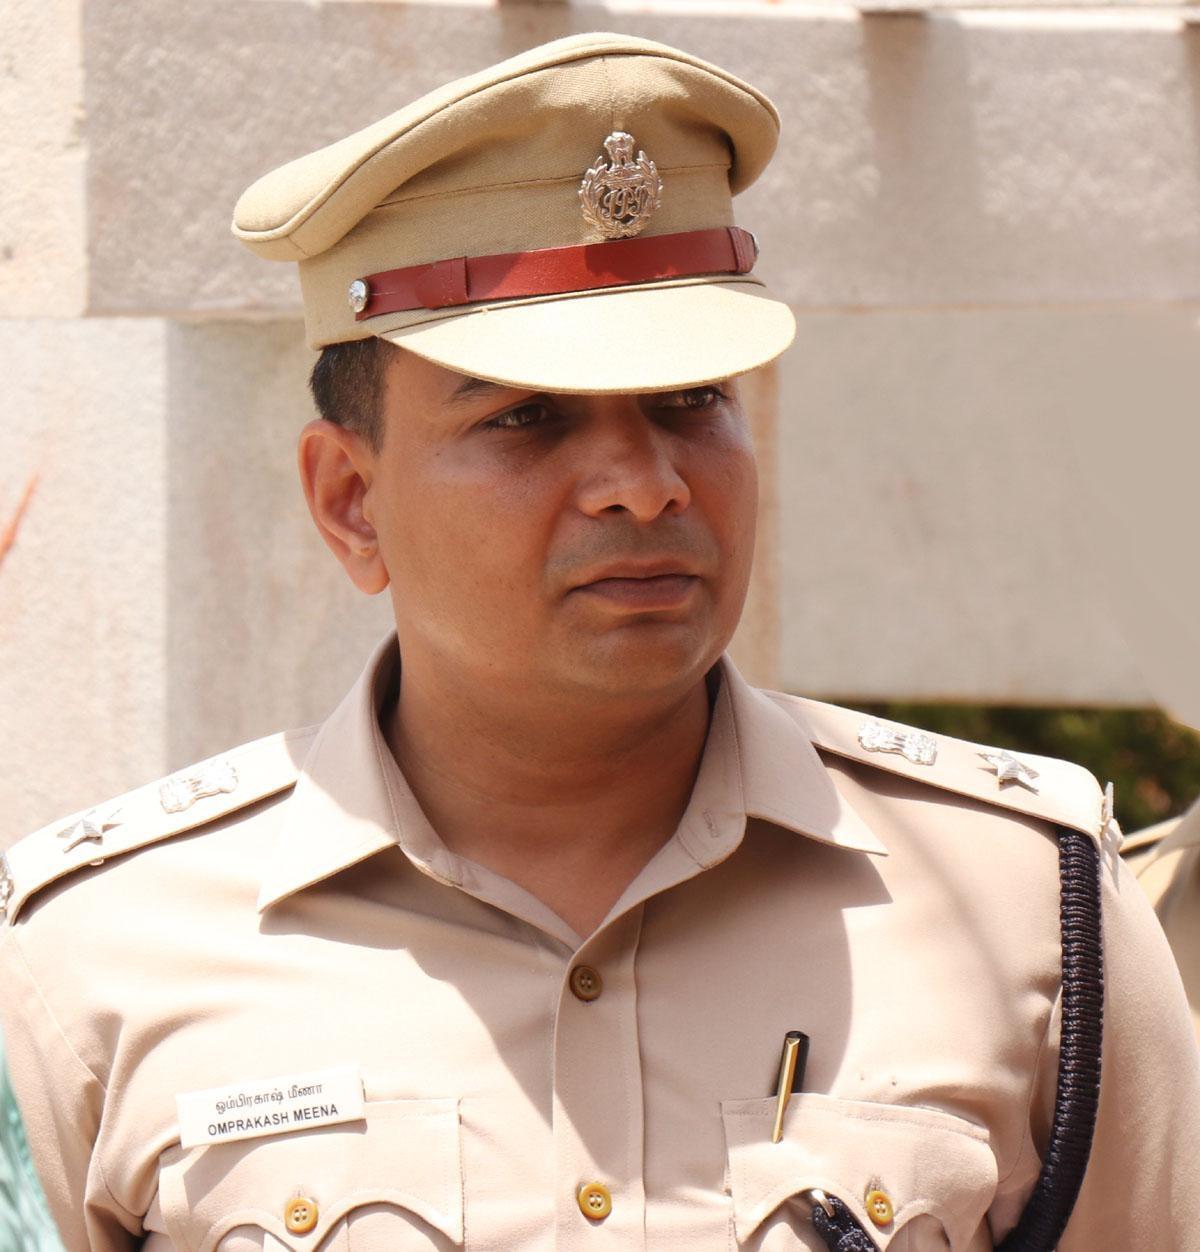 எஸ்.பி ஓம்பிரகாஷ் மீனா